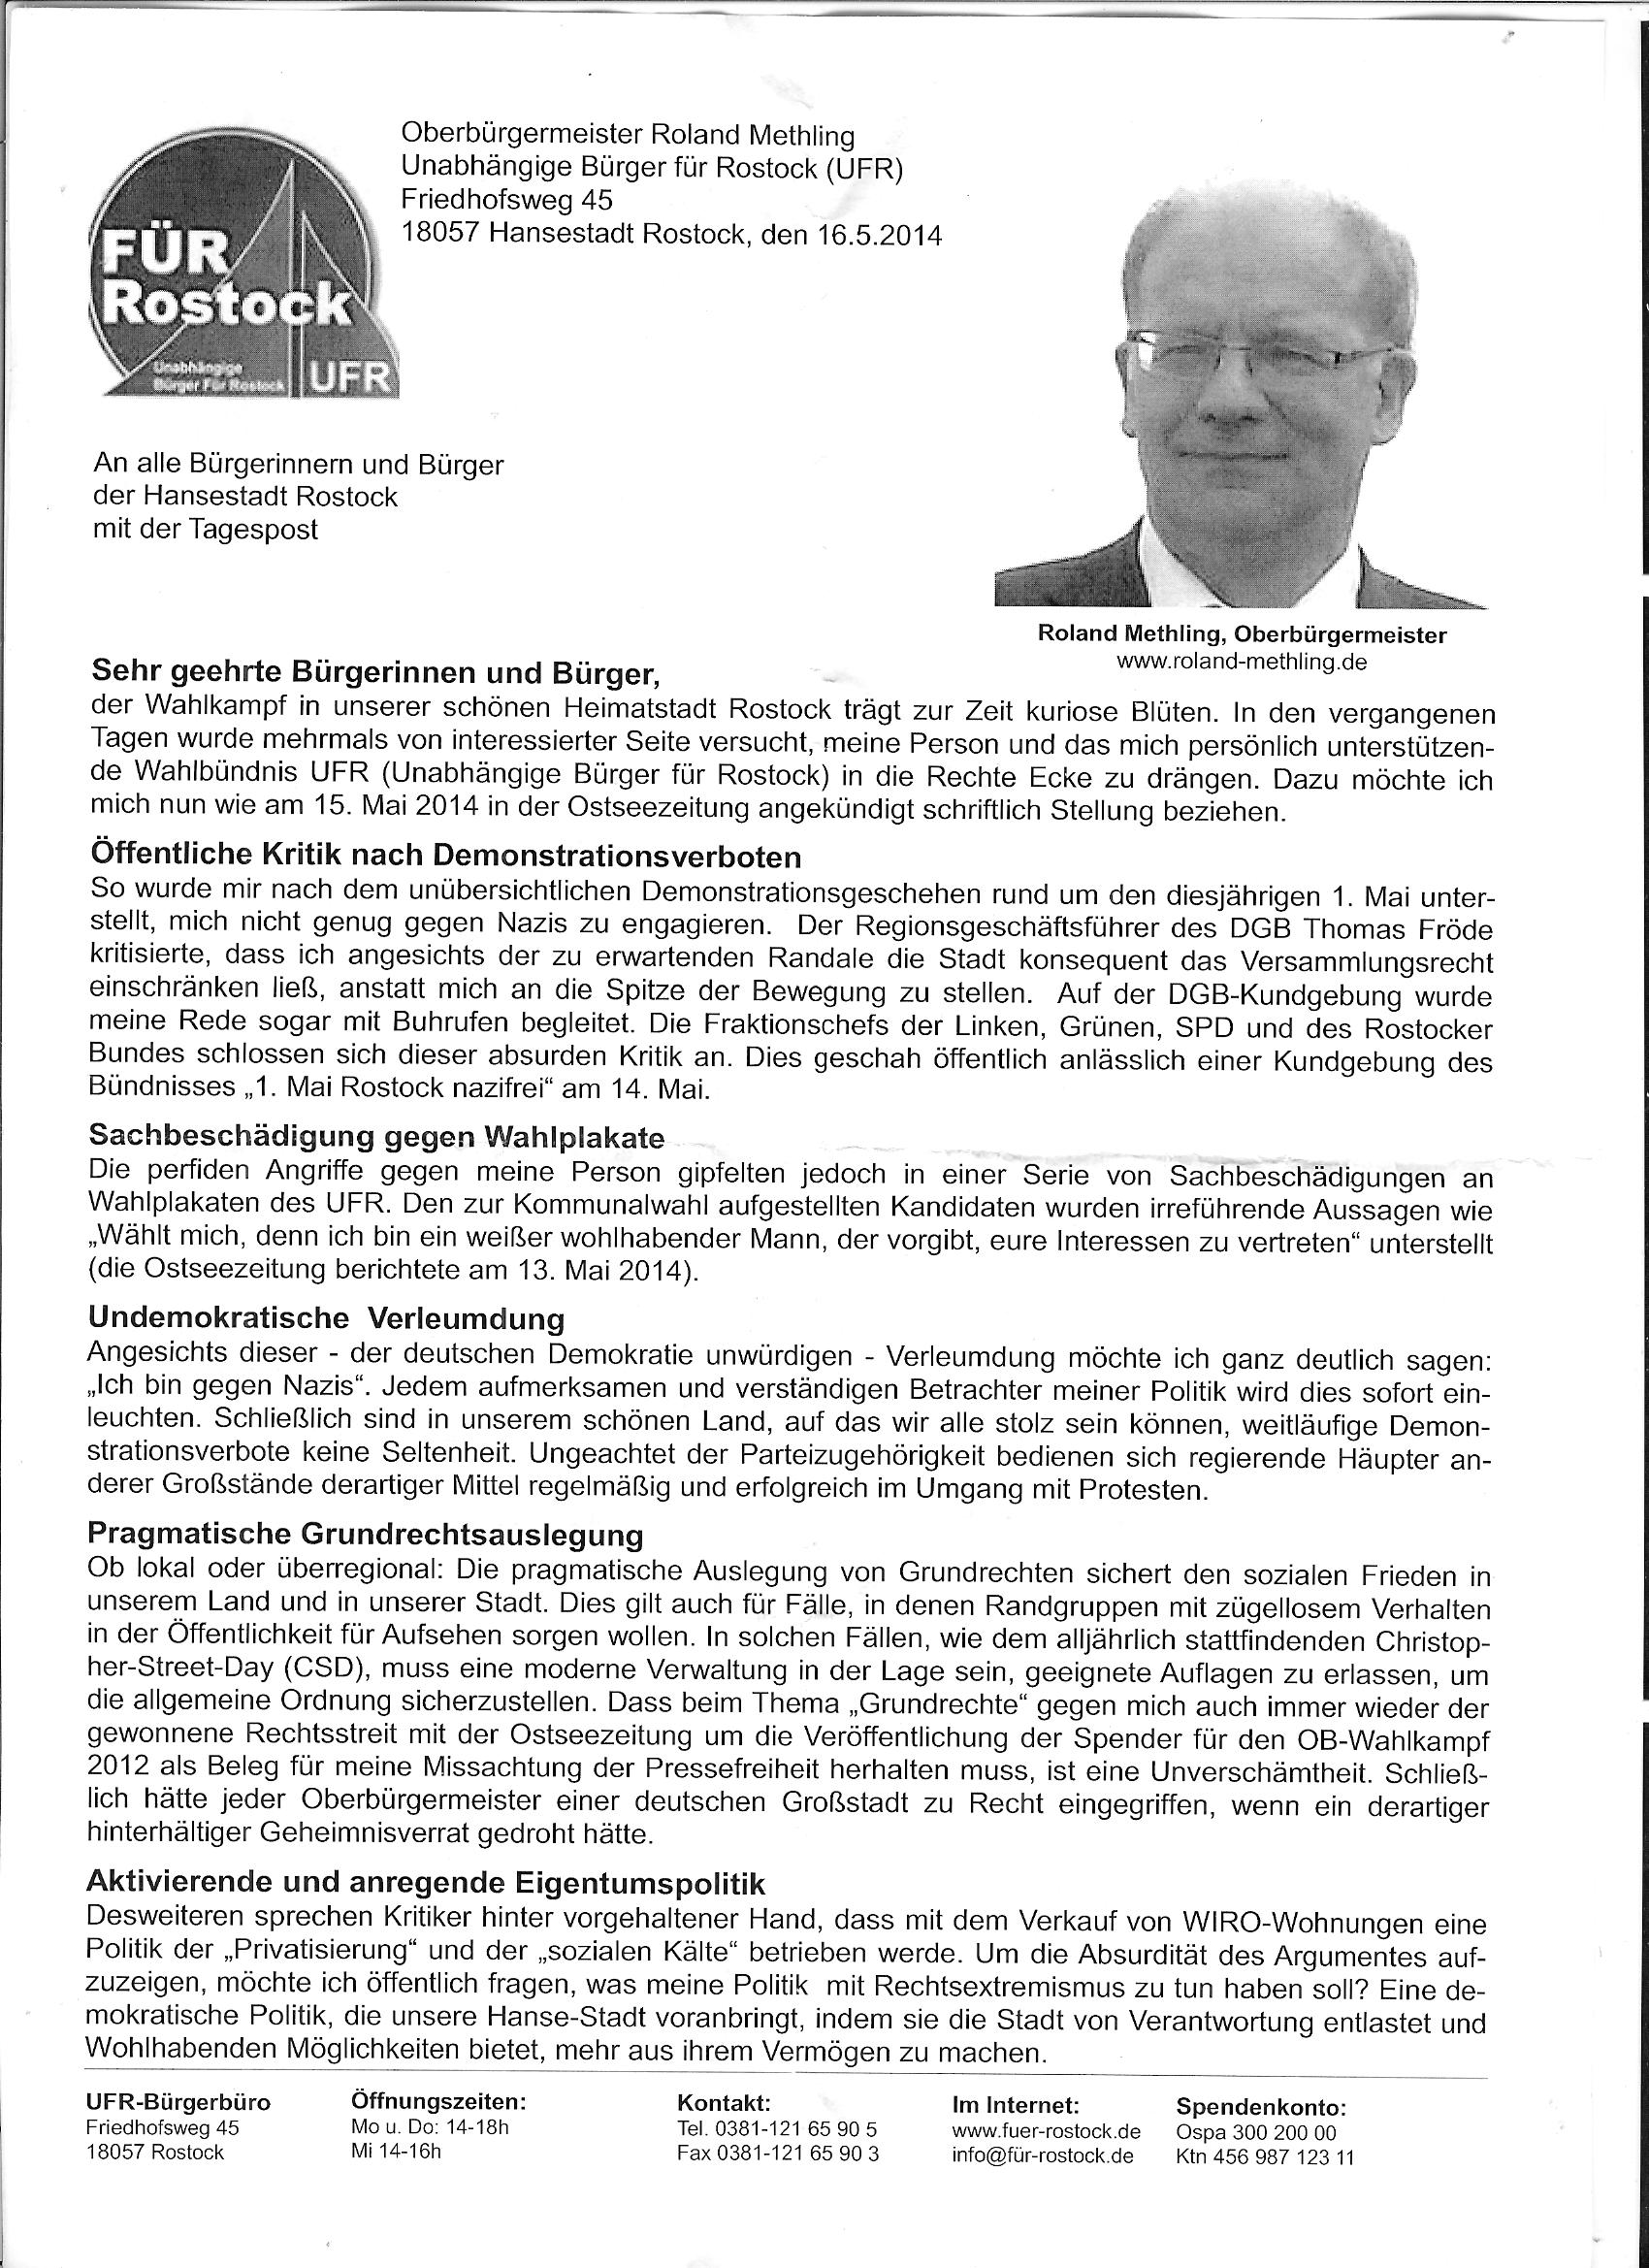 gefälschtes Bürgermeisterschreiben, Rostock 2014